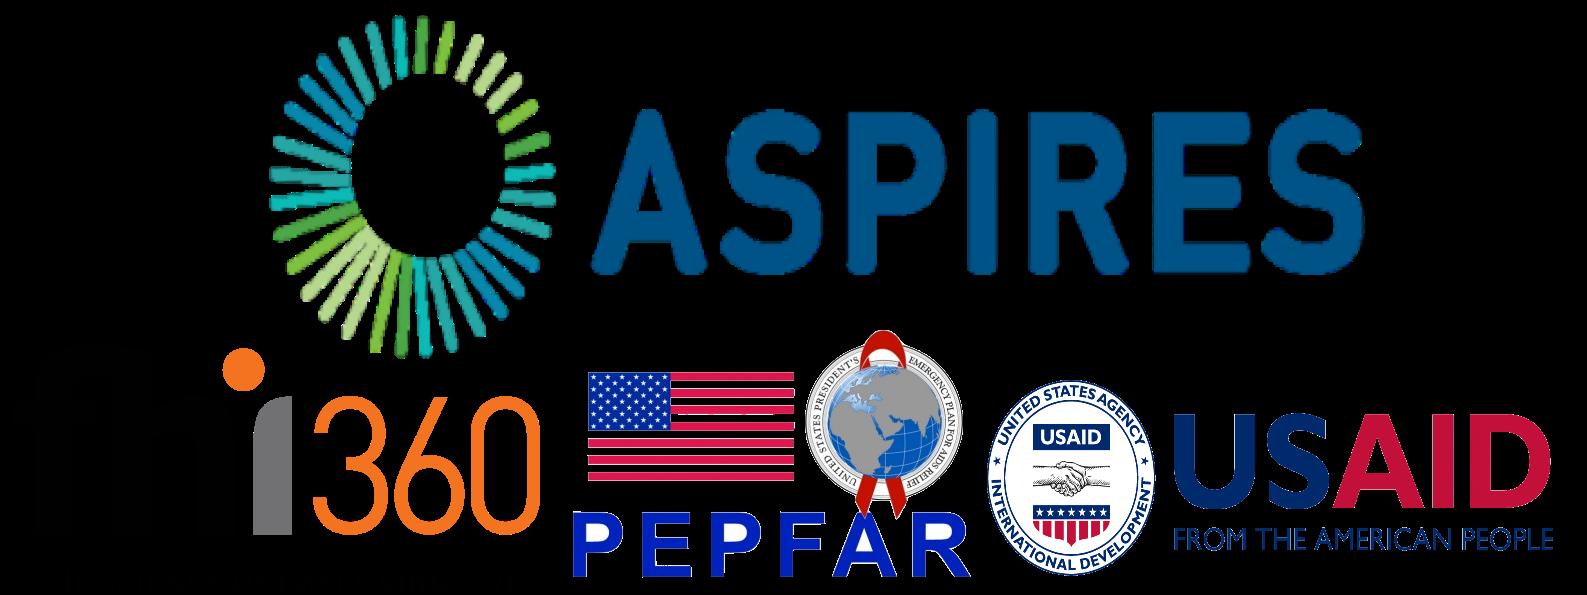 FHI Aspires Pepfar USAID.png